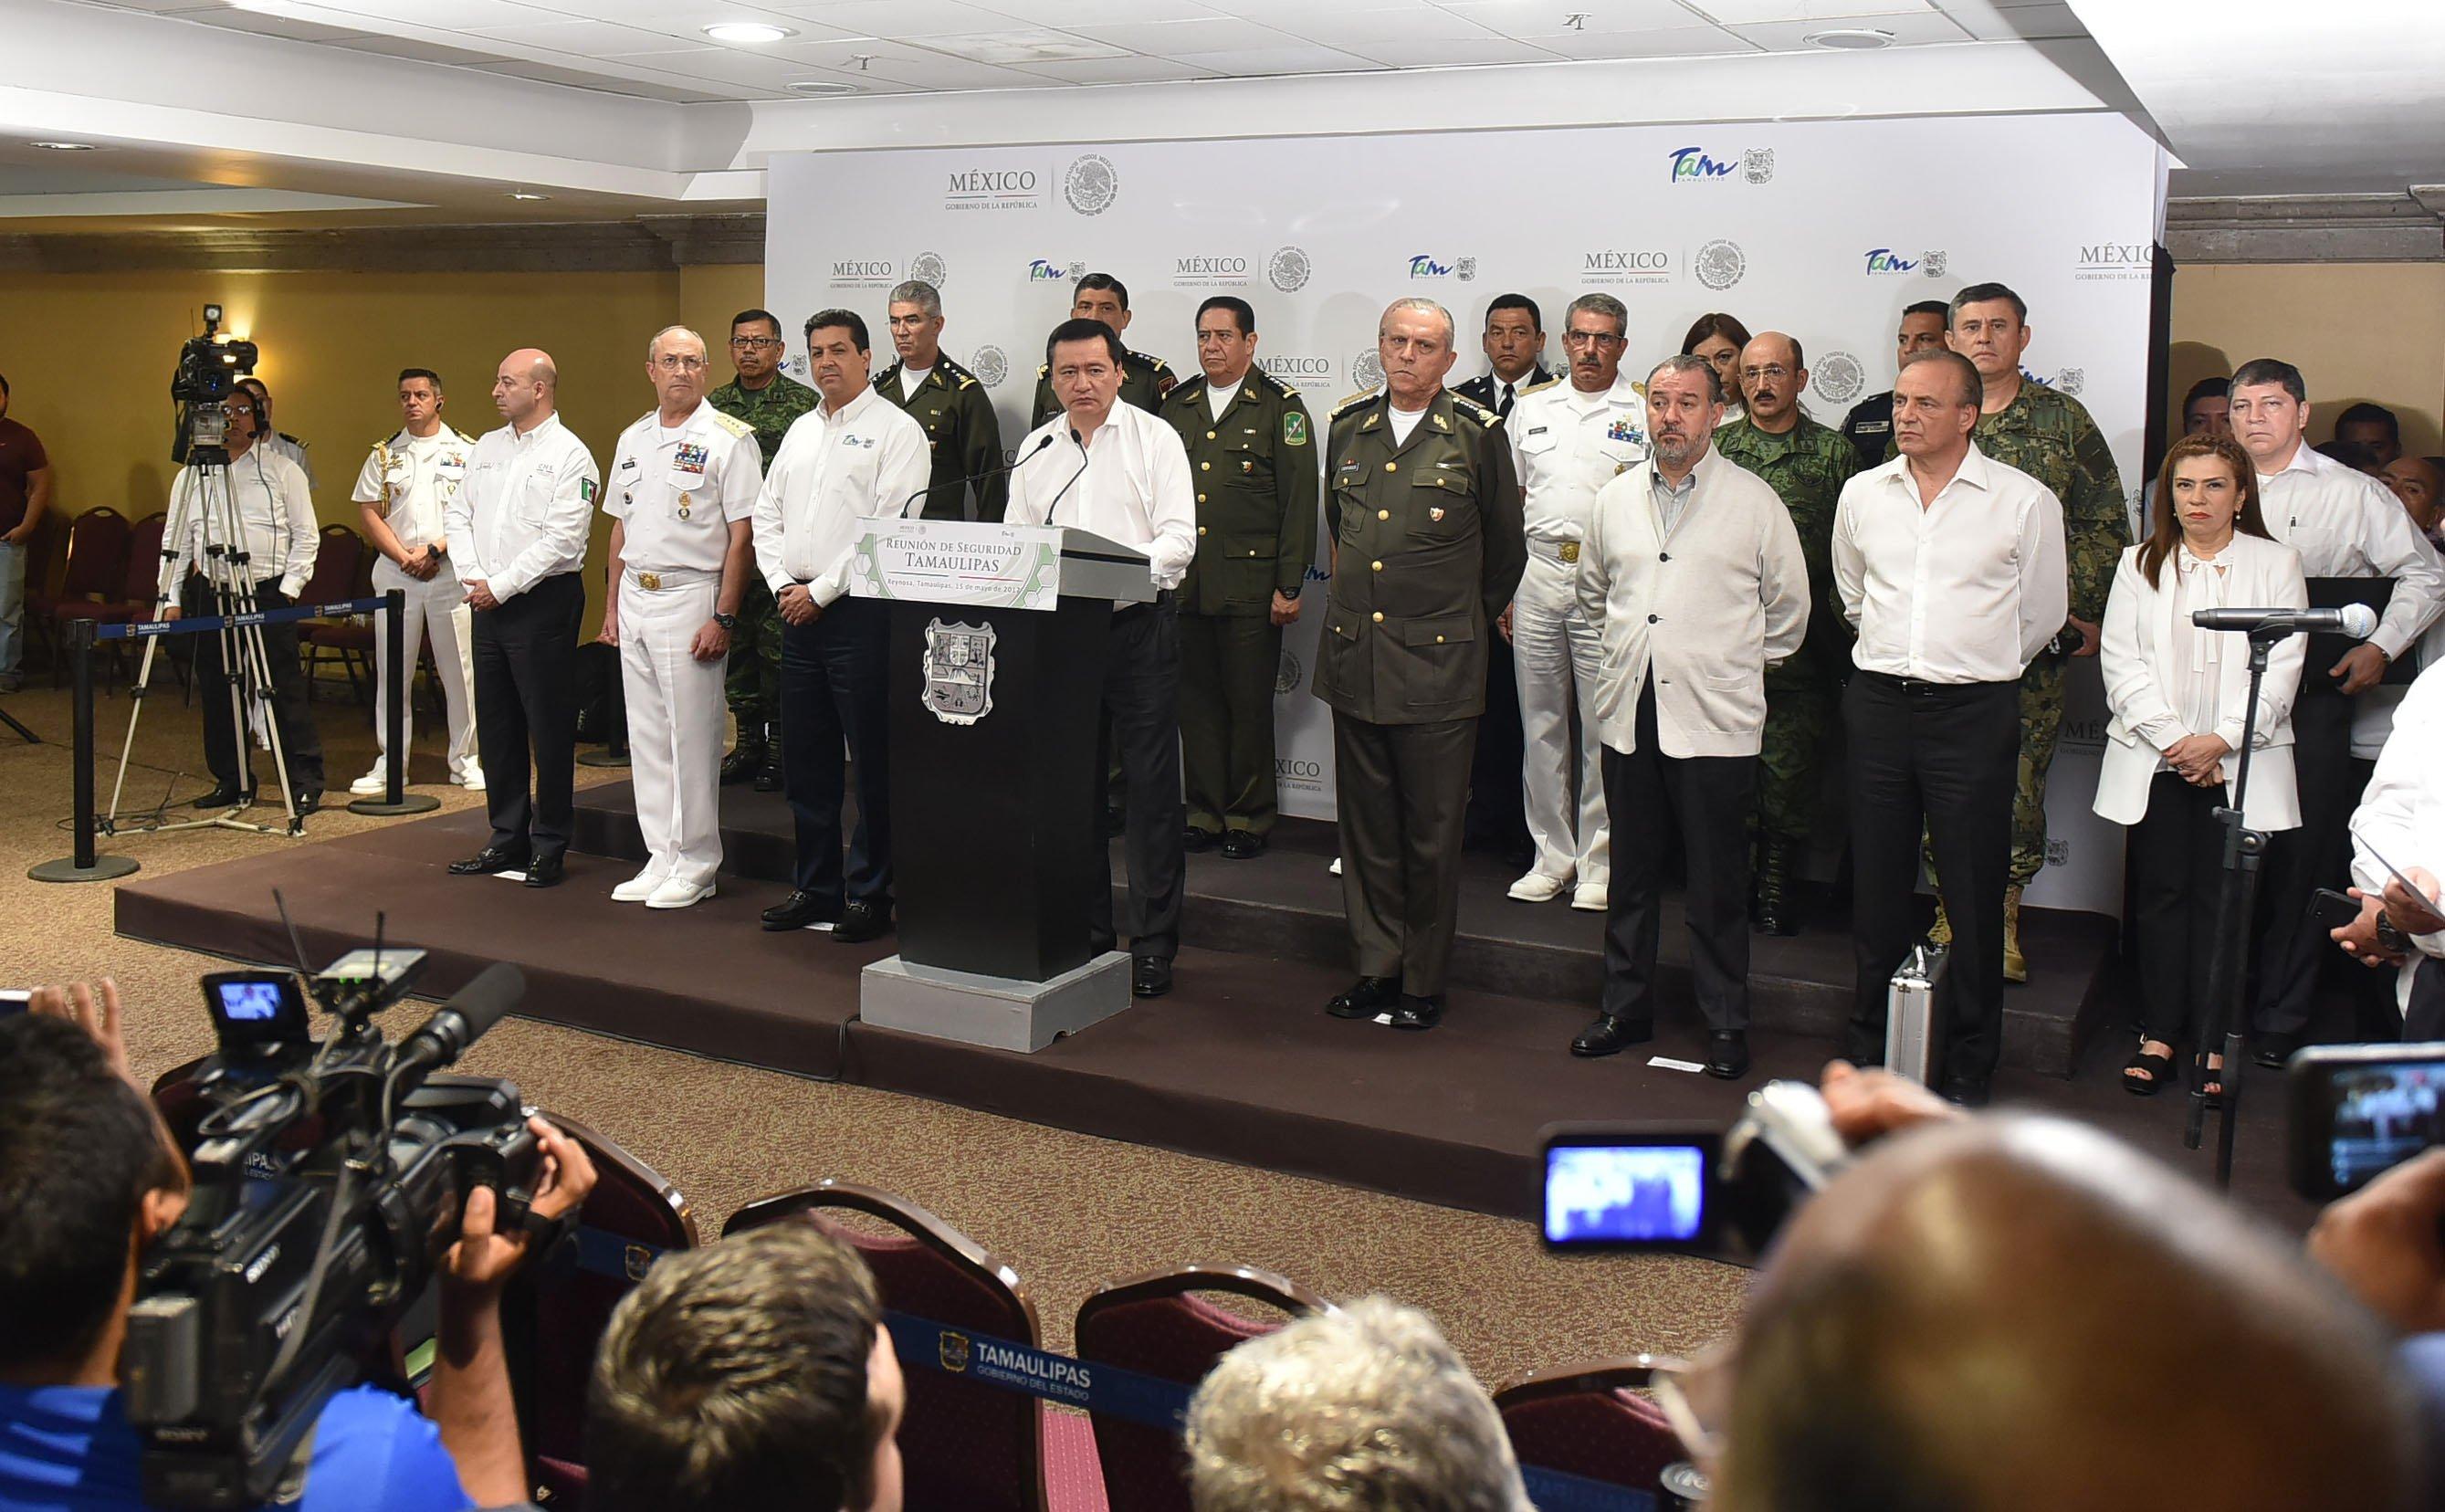 Debido a la creciente violencia en Tamaulipas, el gobierno federal implementó una estrategia de seguridad que fue anunciada el 15 de mayo por el secretario de Gobernación, Miguel Ángel Osorio Chong. FOTO: SEGOB /CUARTOSCURO